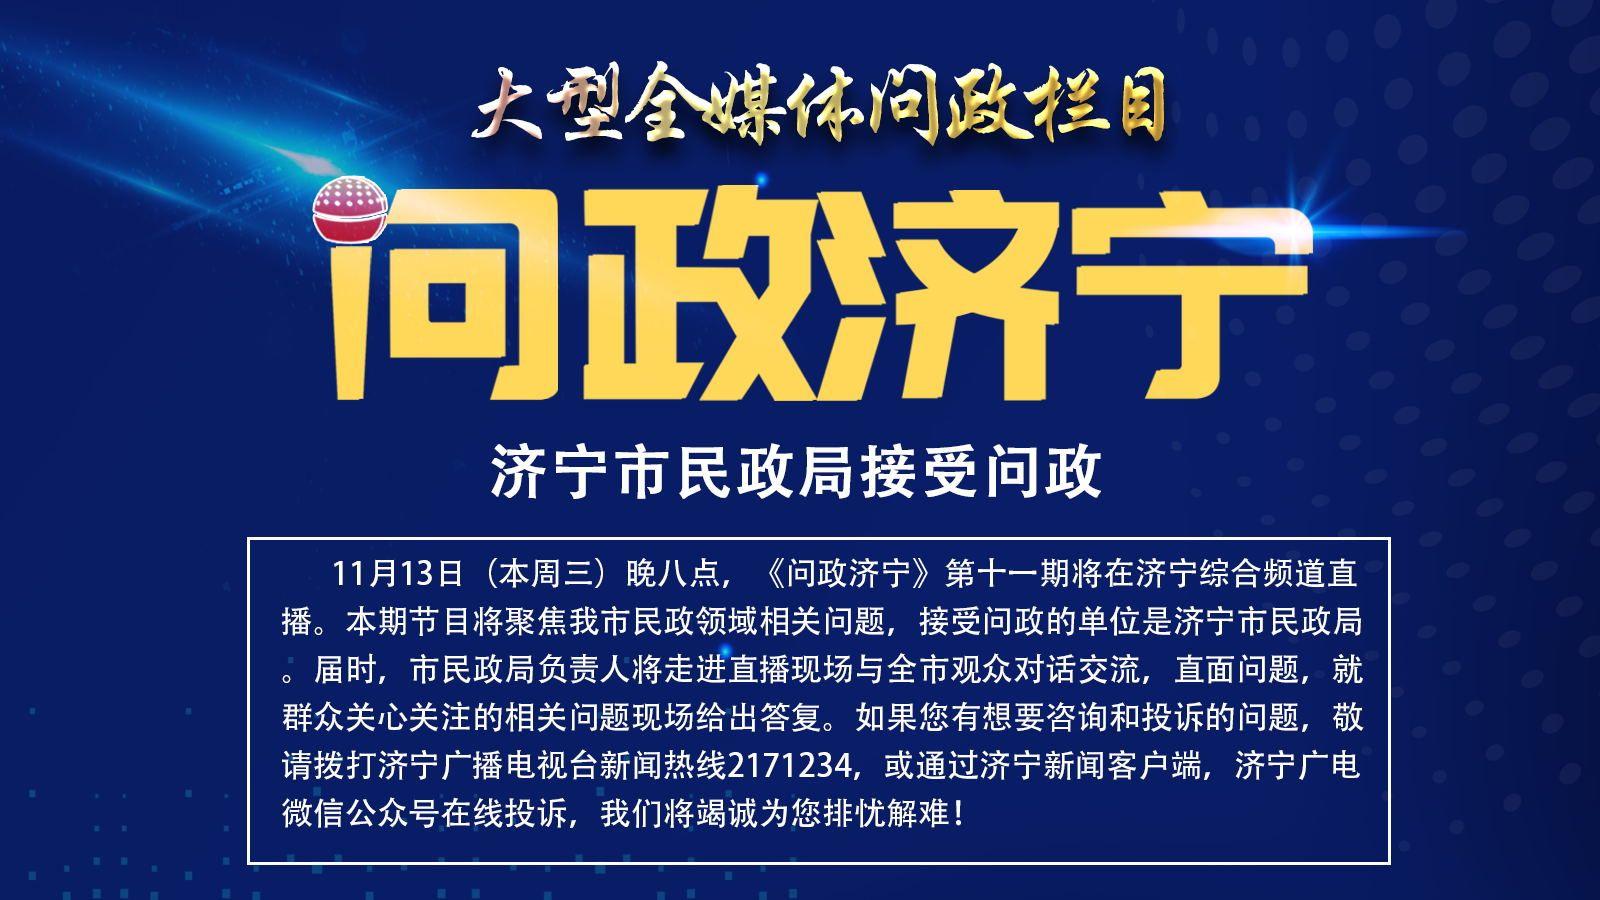 《问政济宁》第十一期 济宁市民政局接受问政 聚焦民政领域相关问题